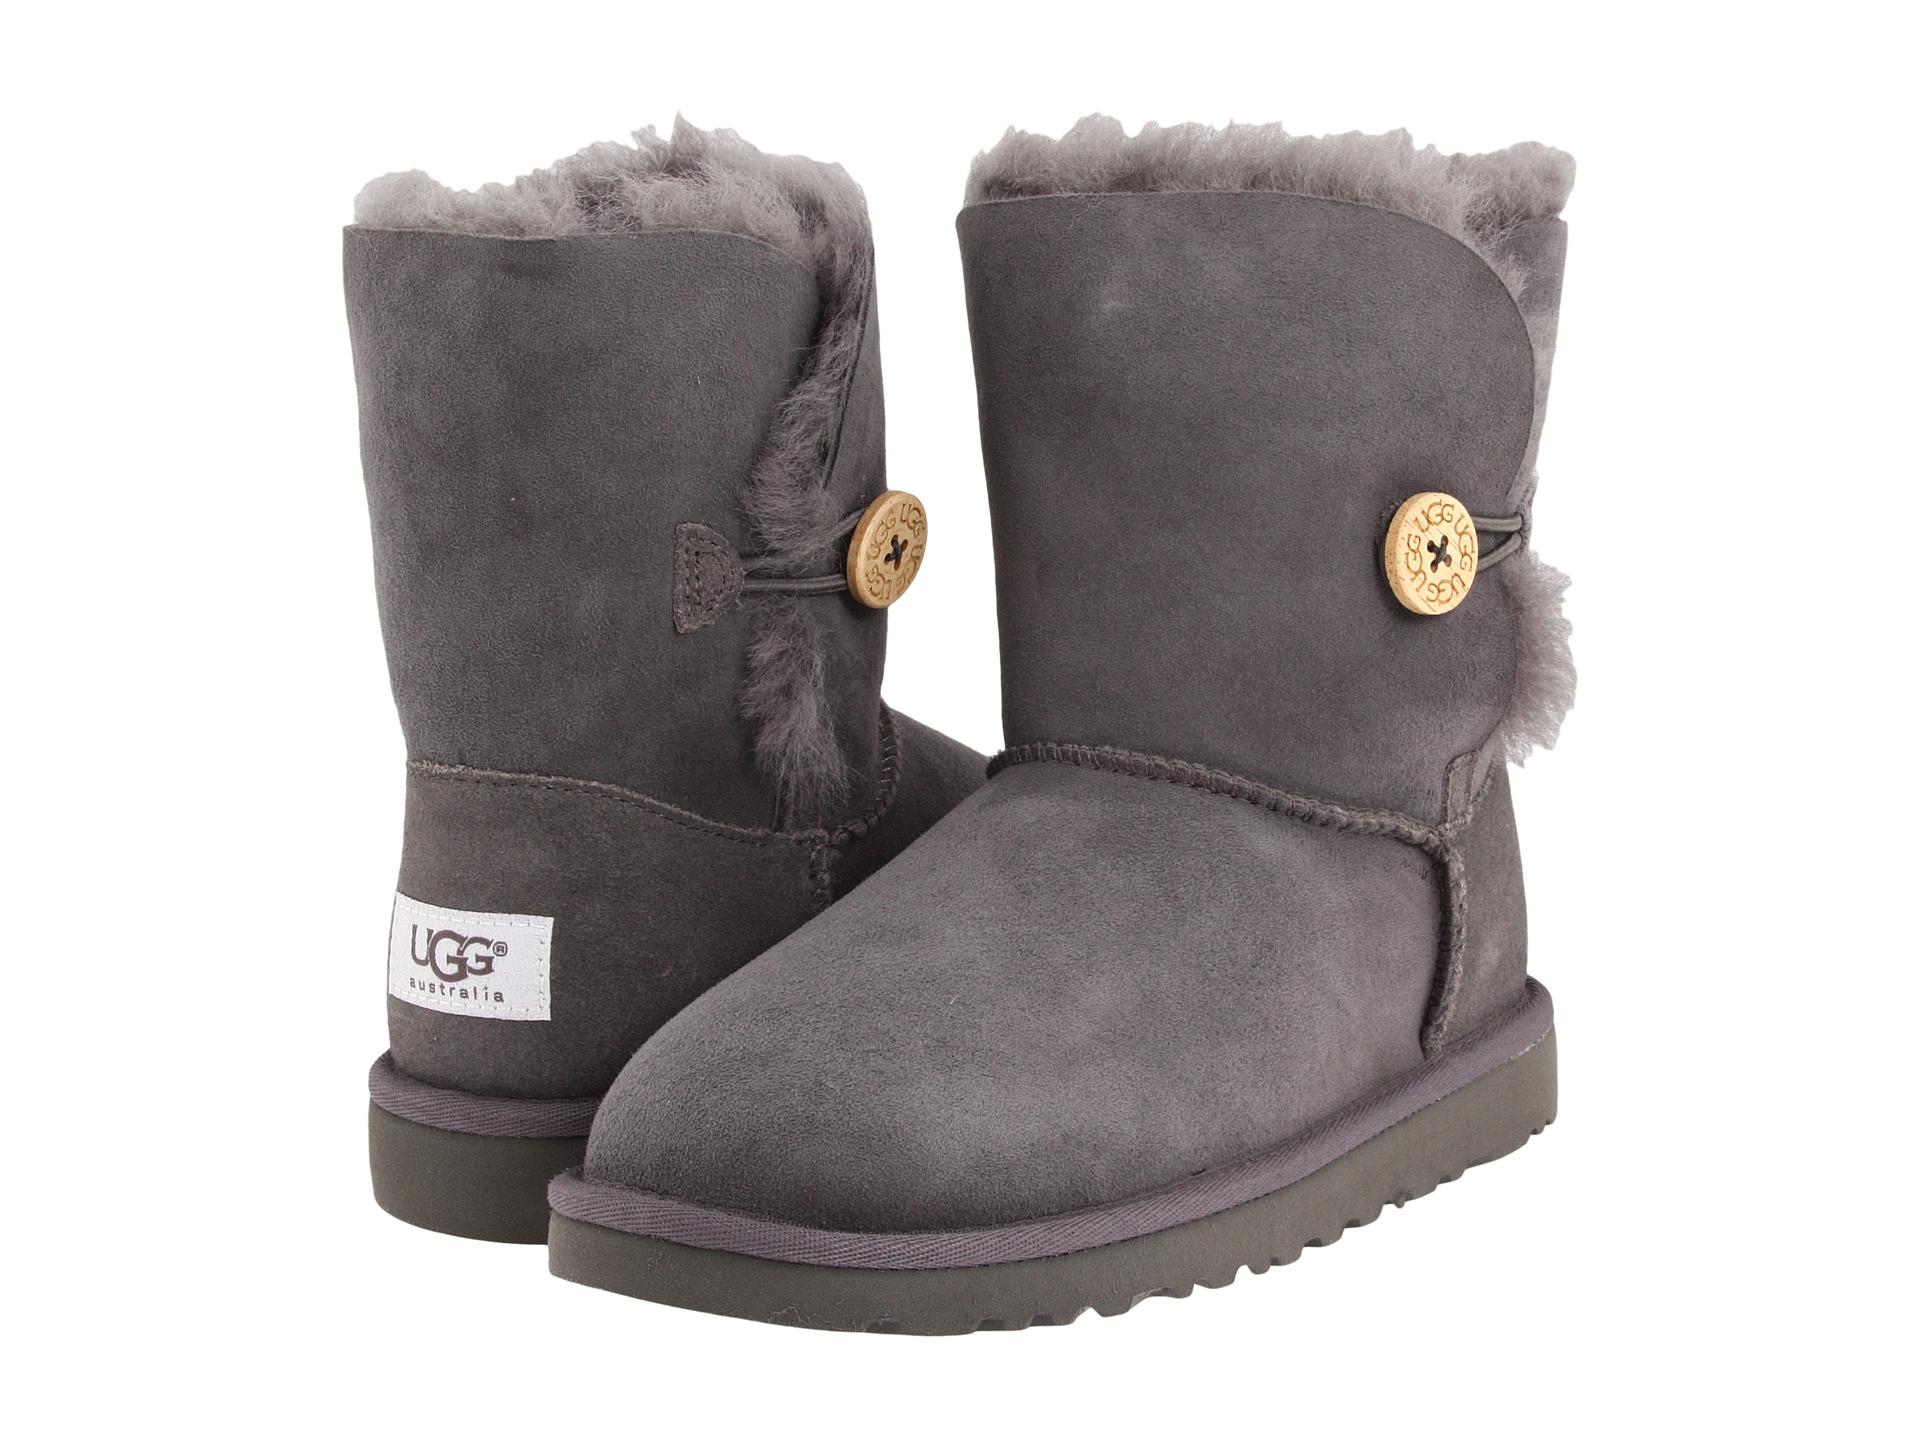 UGG boots UK